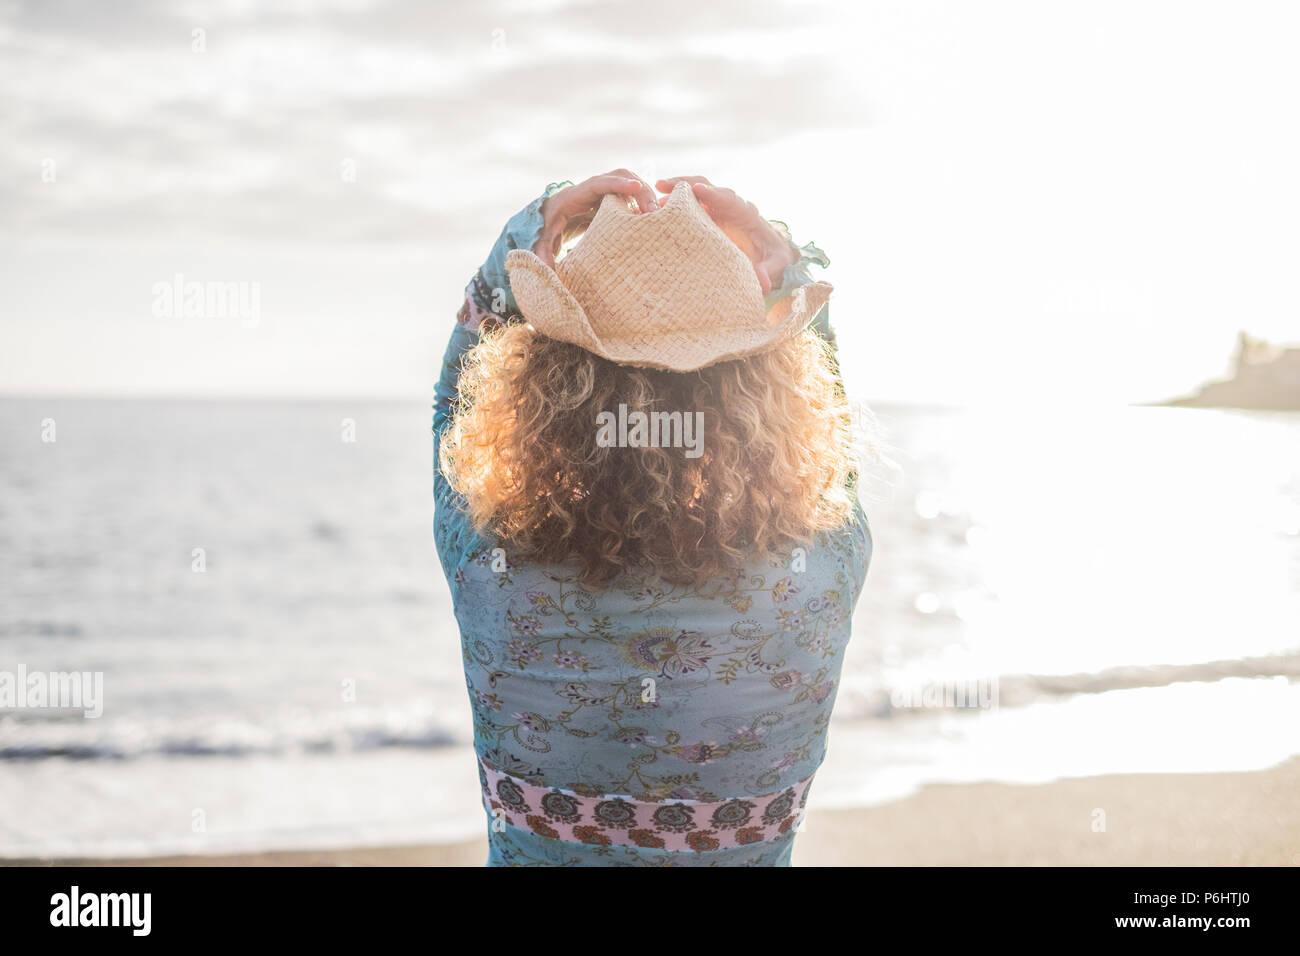 Freiheit junge Frau mit cowboay hat vor dem Meer genießen Urlaub und Lebensstil im Freien. Sommer Sonne und Wellen und Reisenden Geist Stockbild